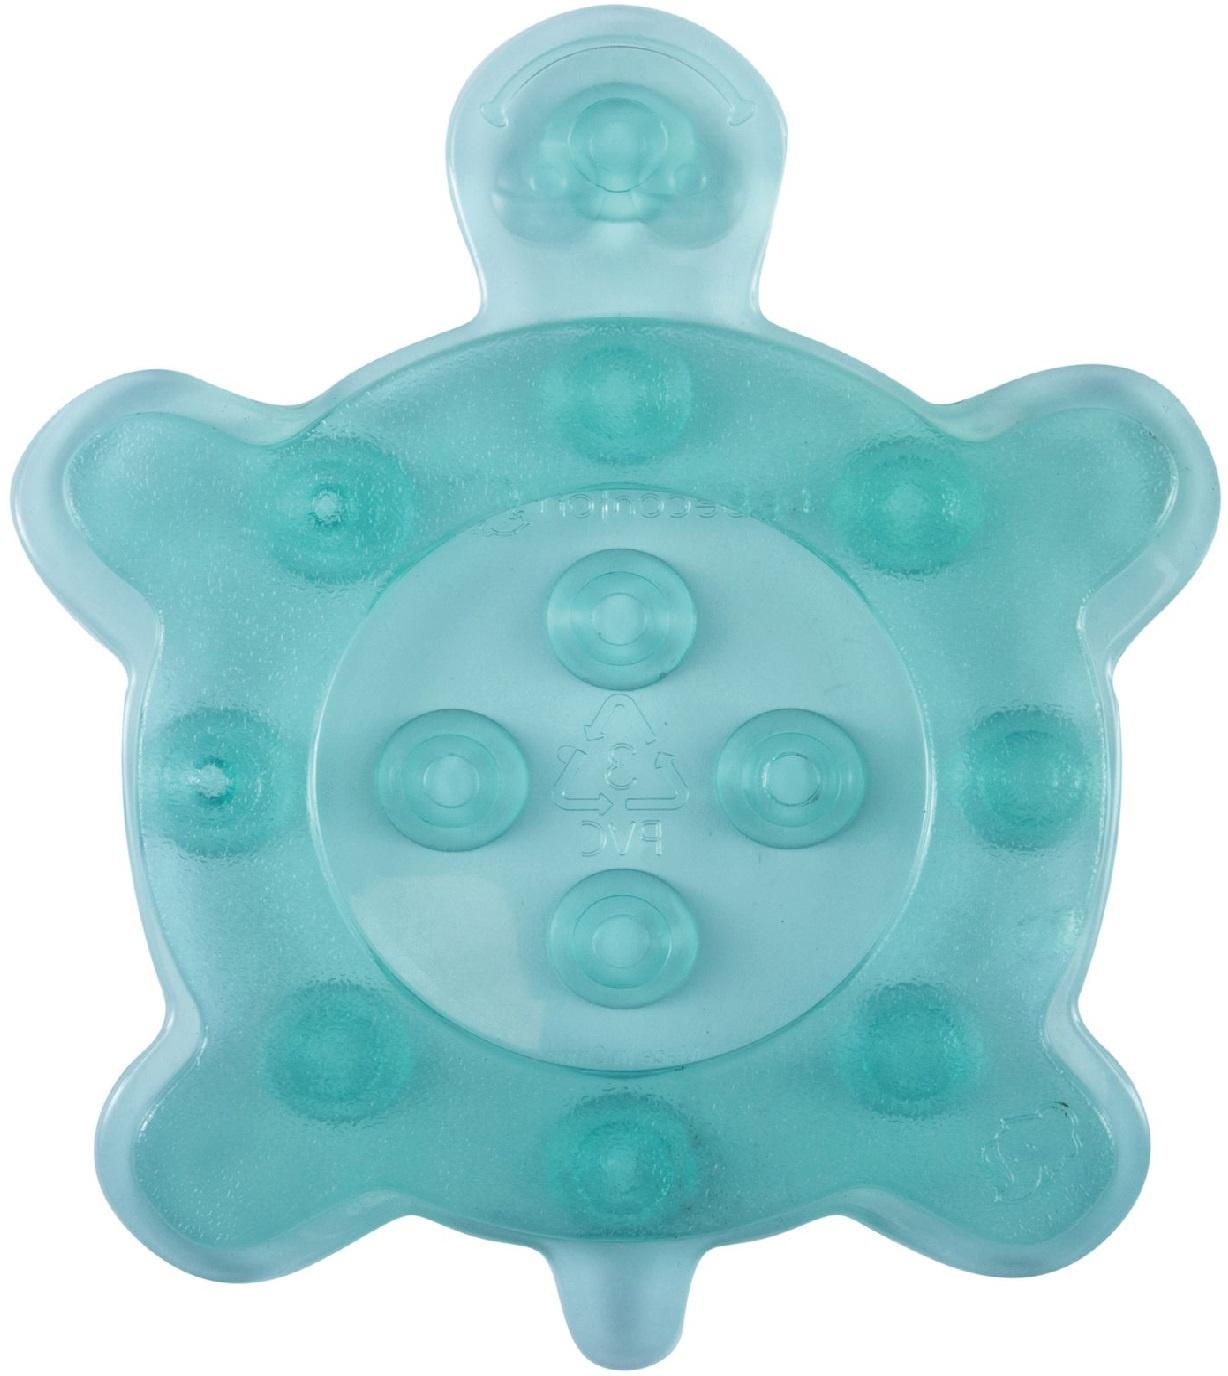 детские ванночки bebe jou ванночка для купания 6256 Коврики для купания Bebe Confort Черепашки 6 шт.